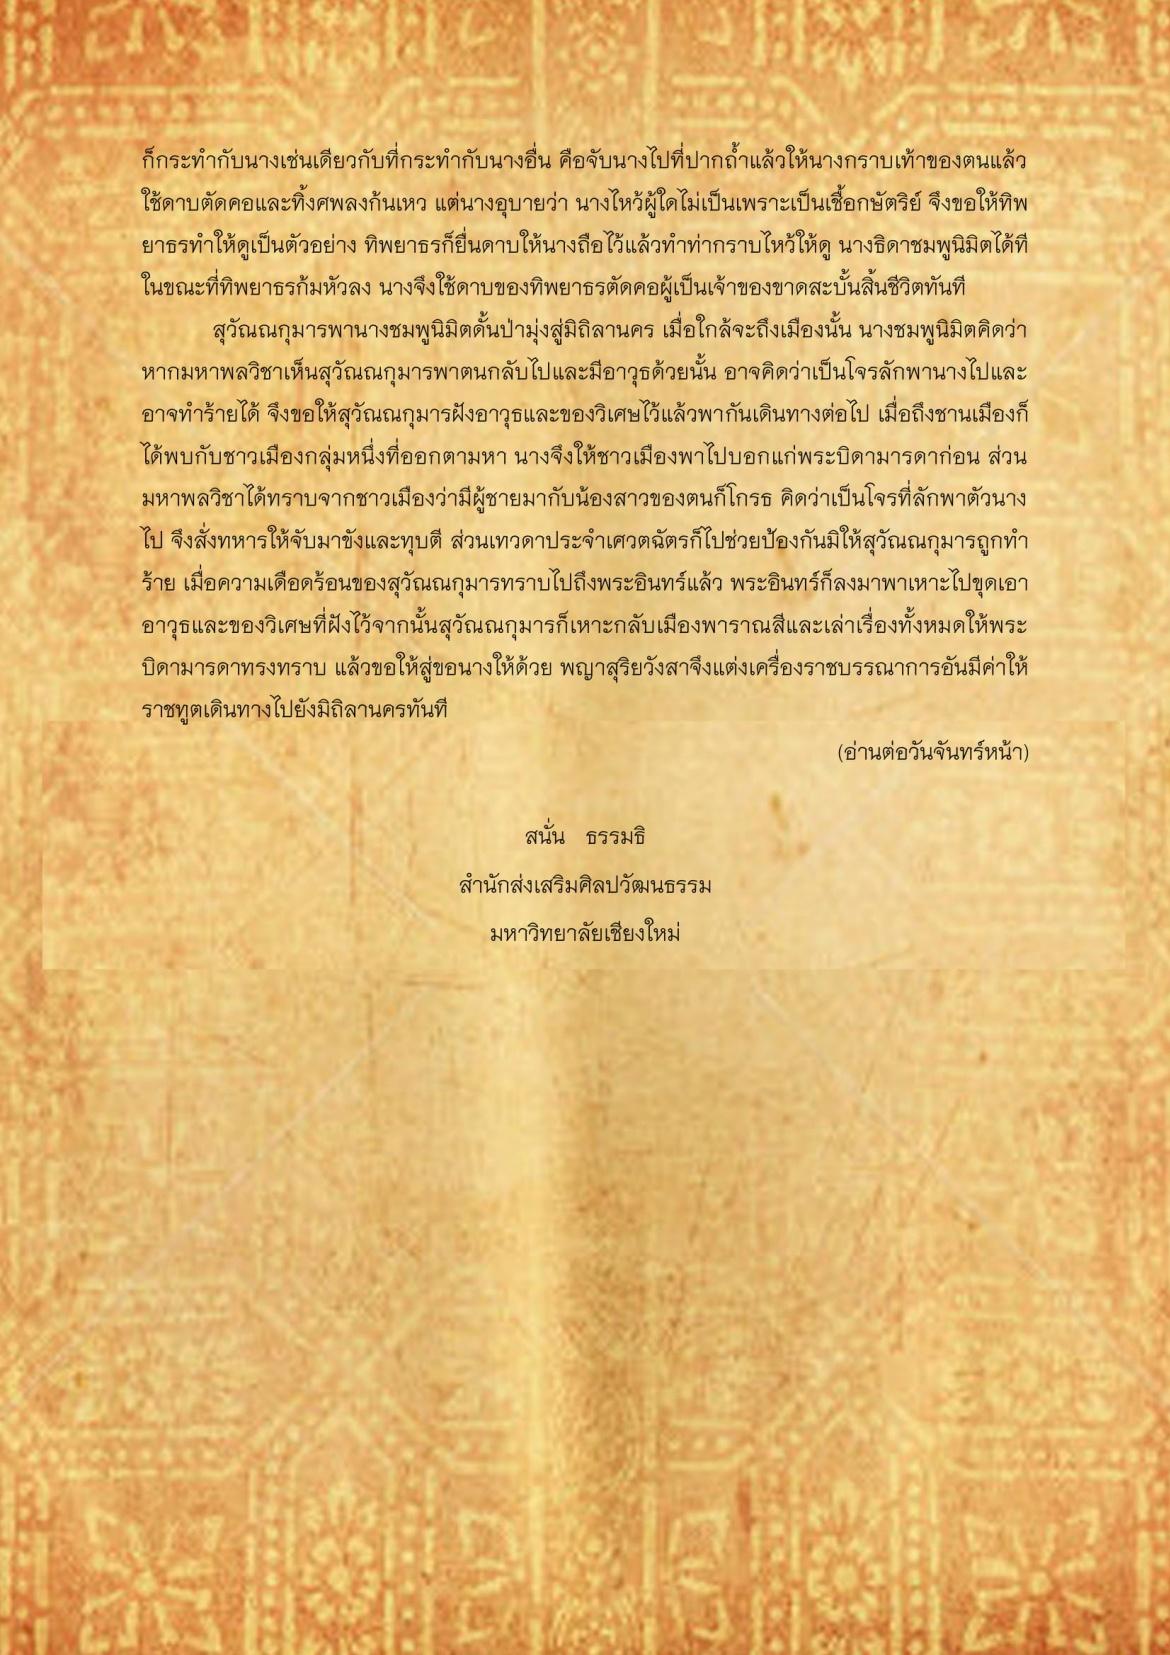 สุวัณณชมพู(4) - 12 มิถุนายน 2560